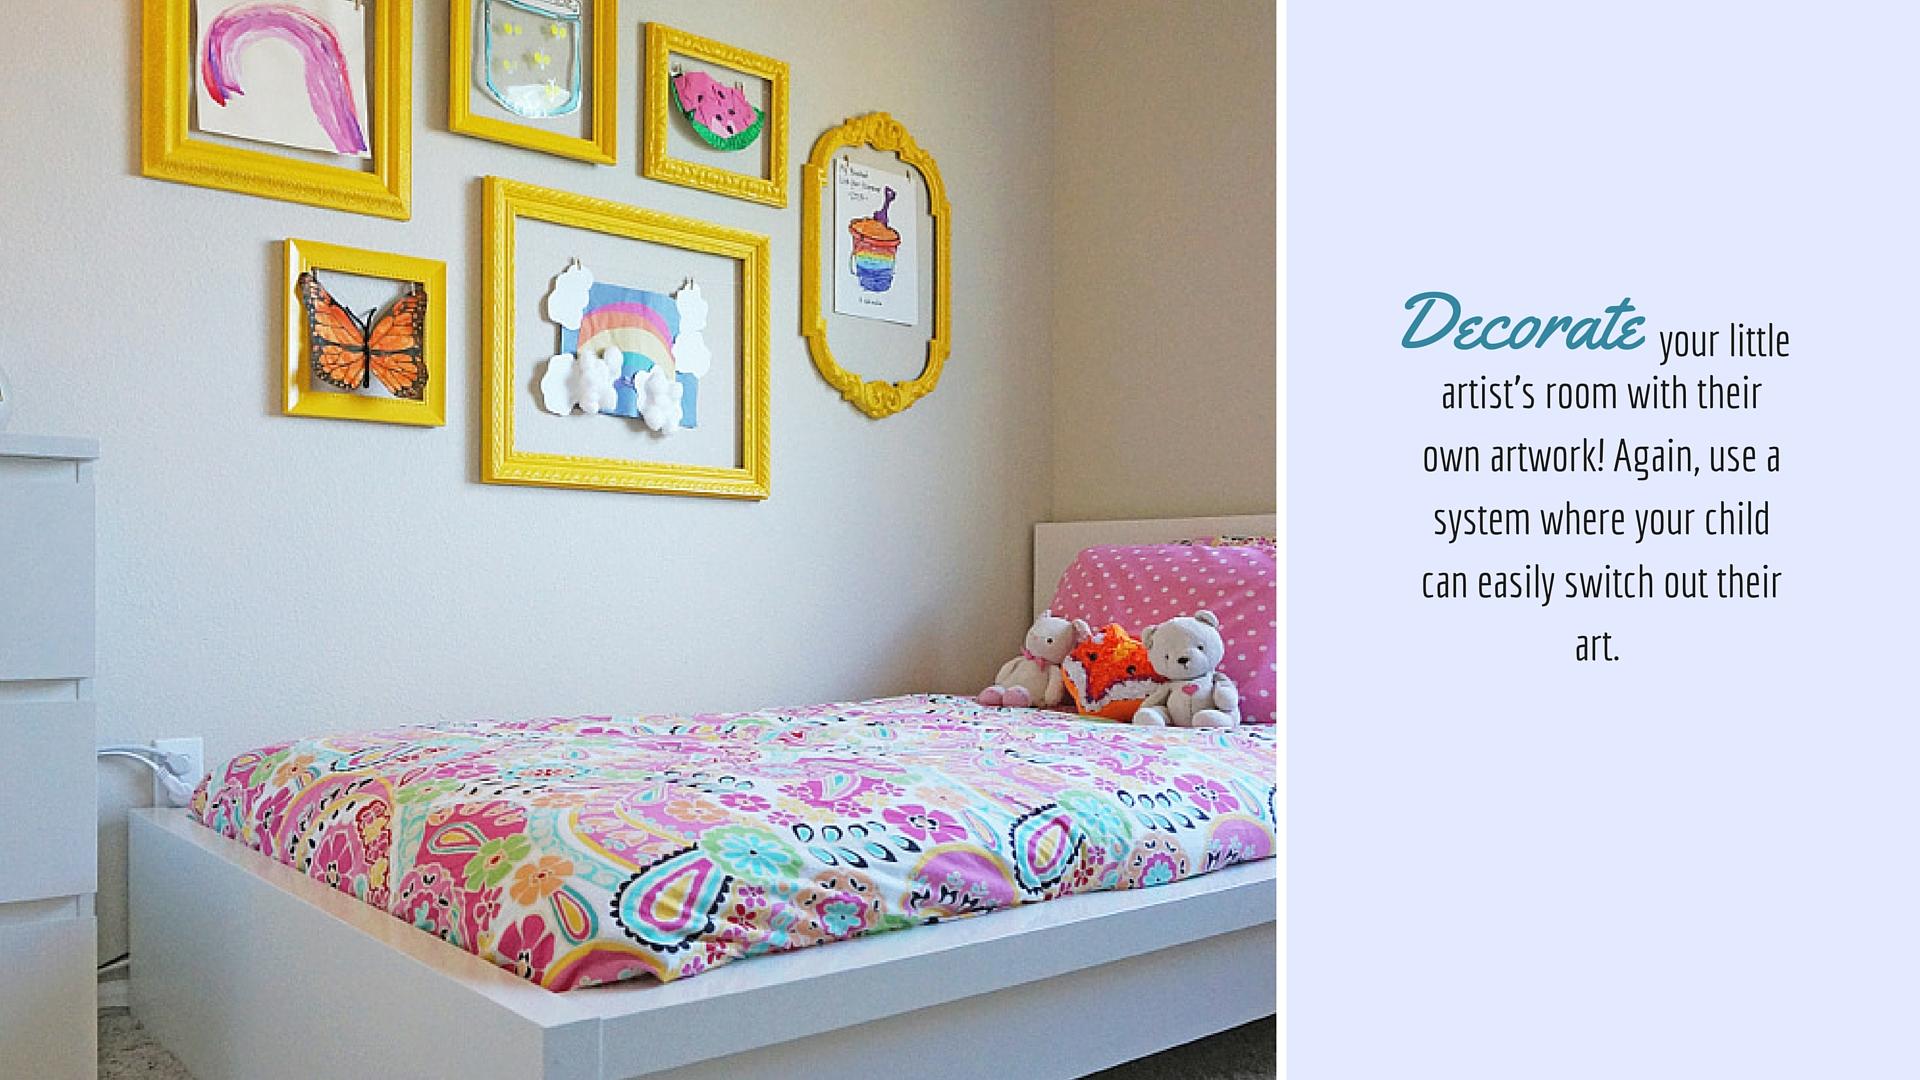 Decorate child's room